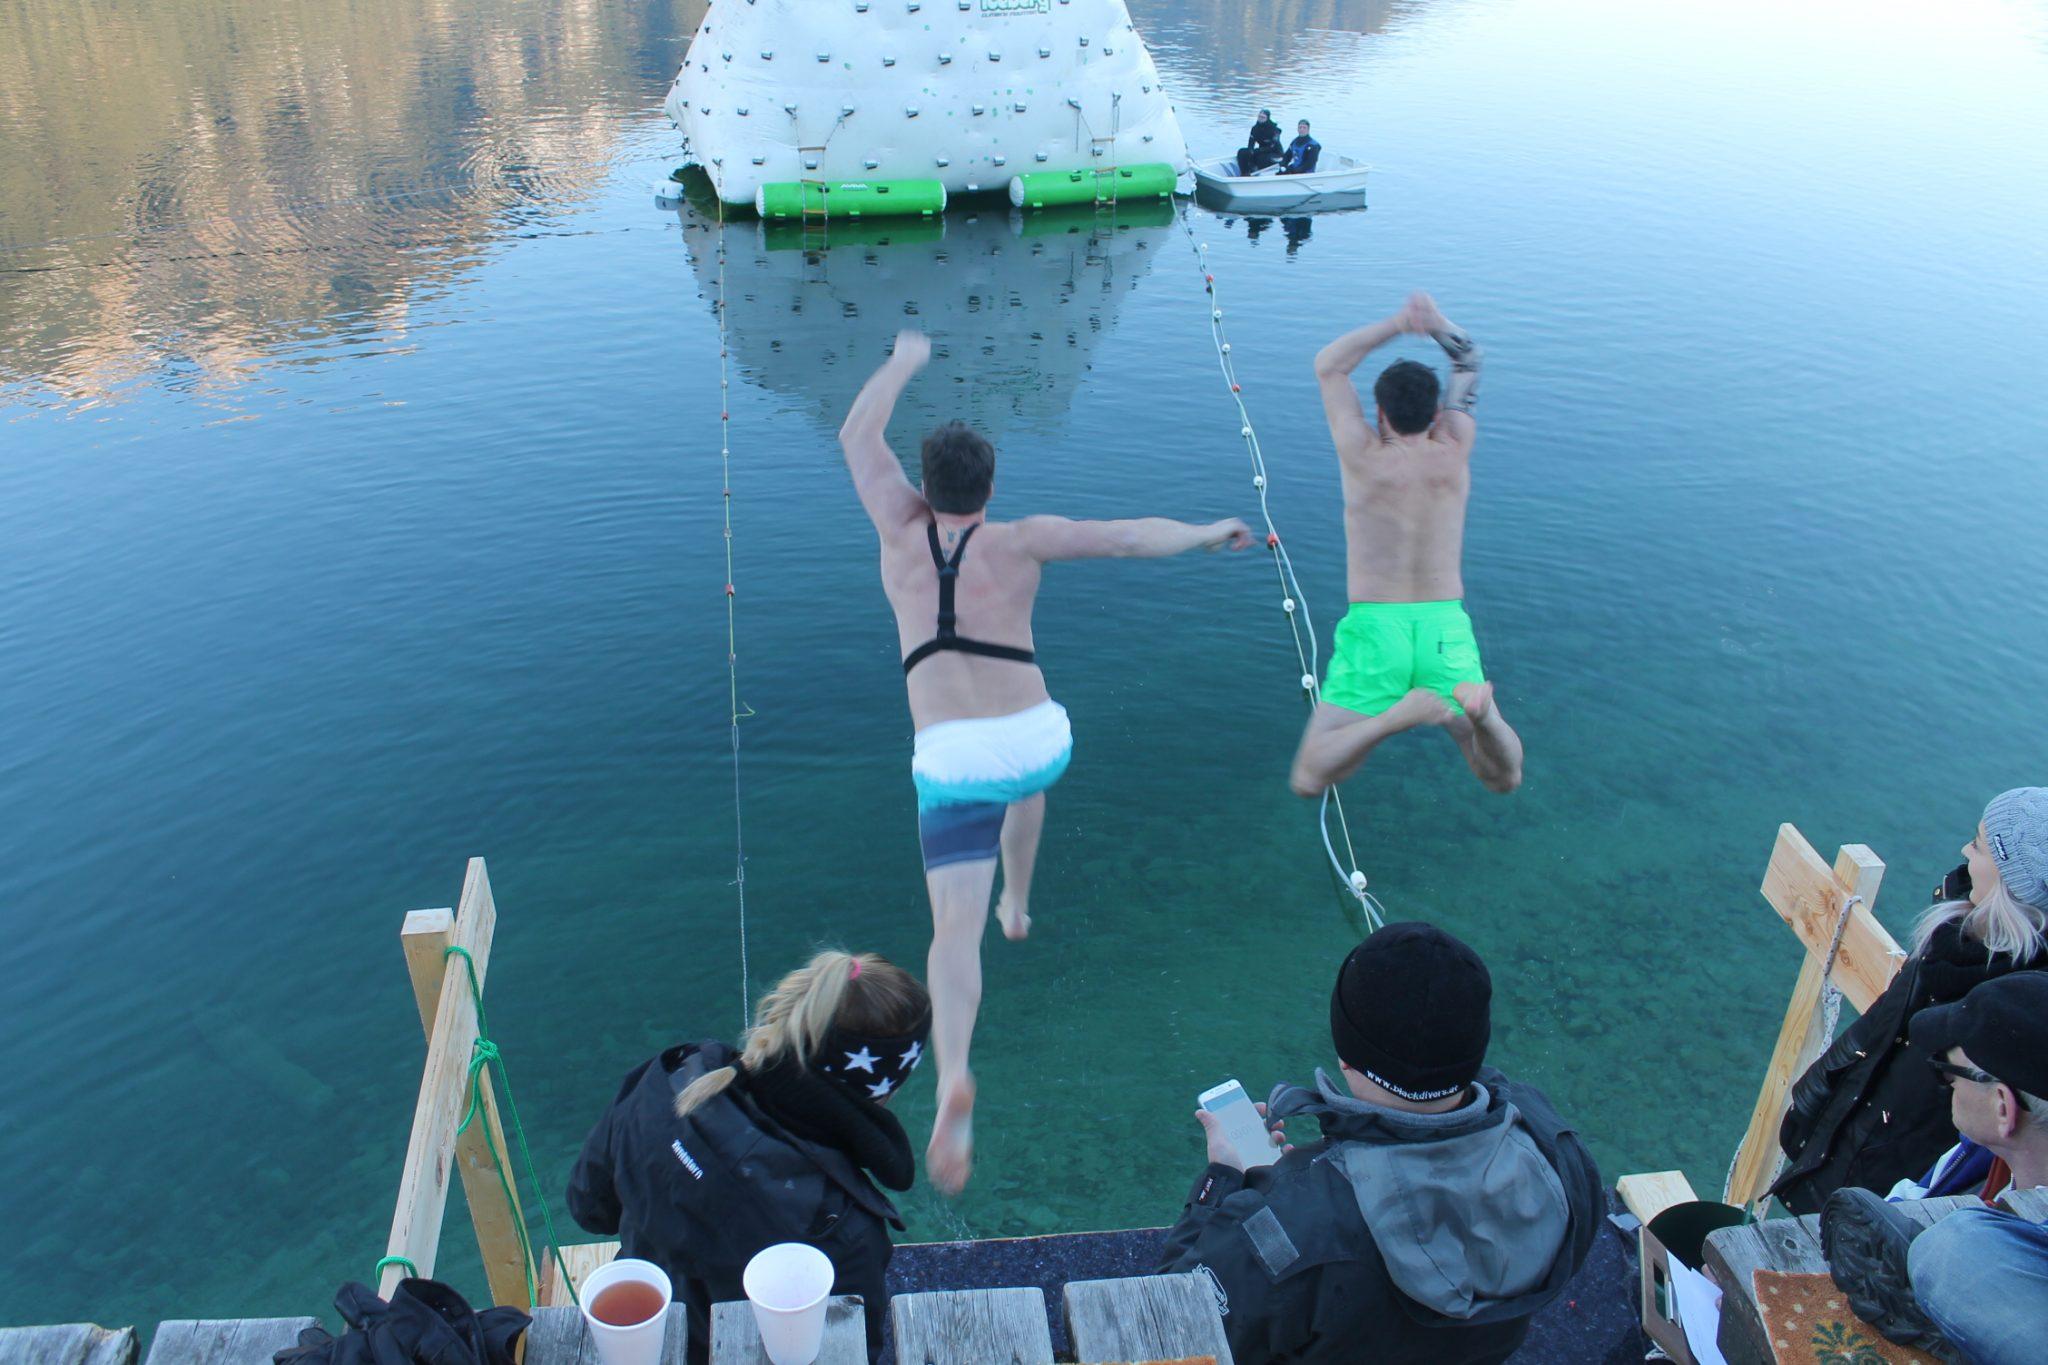 Silvesterschwimmen am Achensee